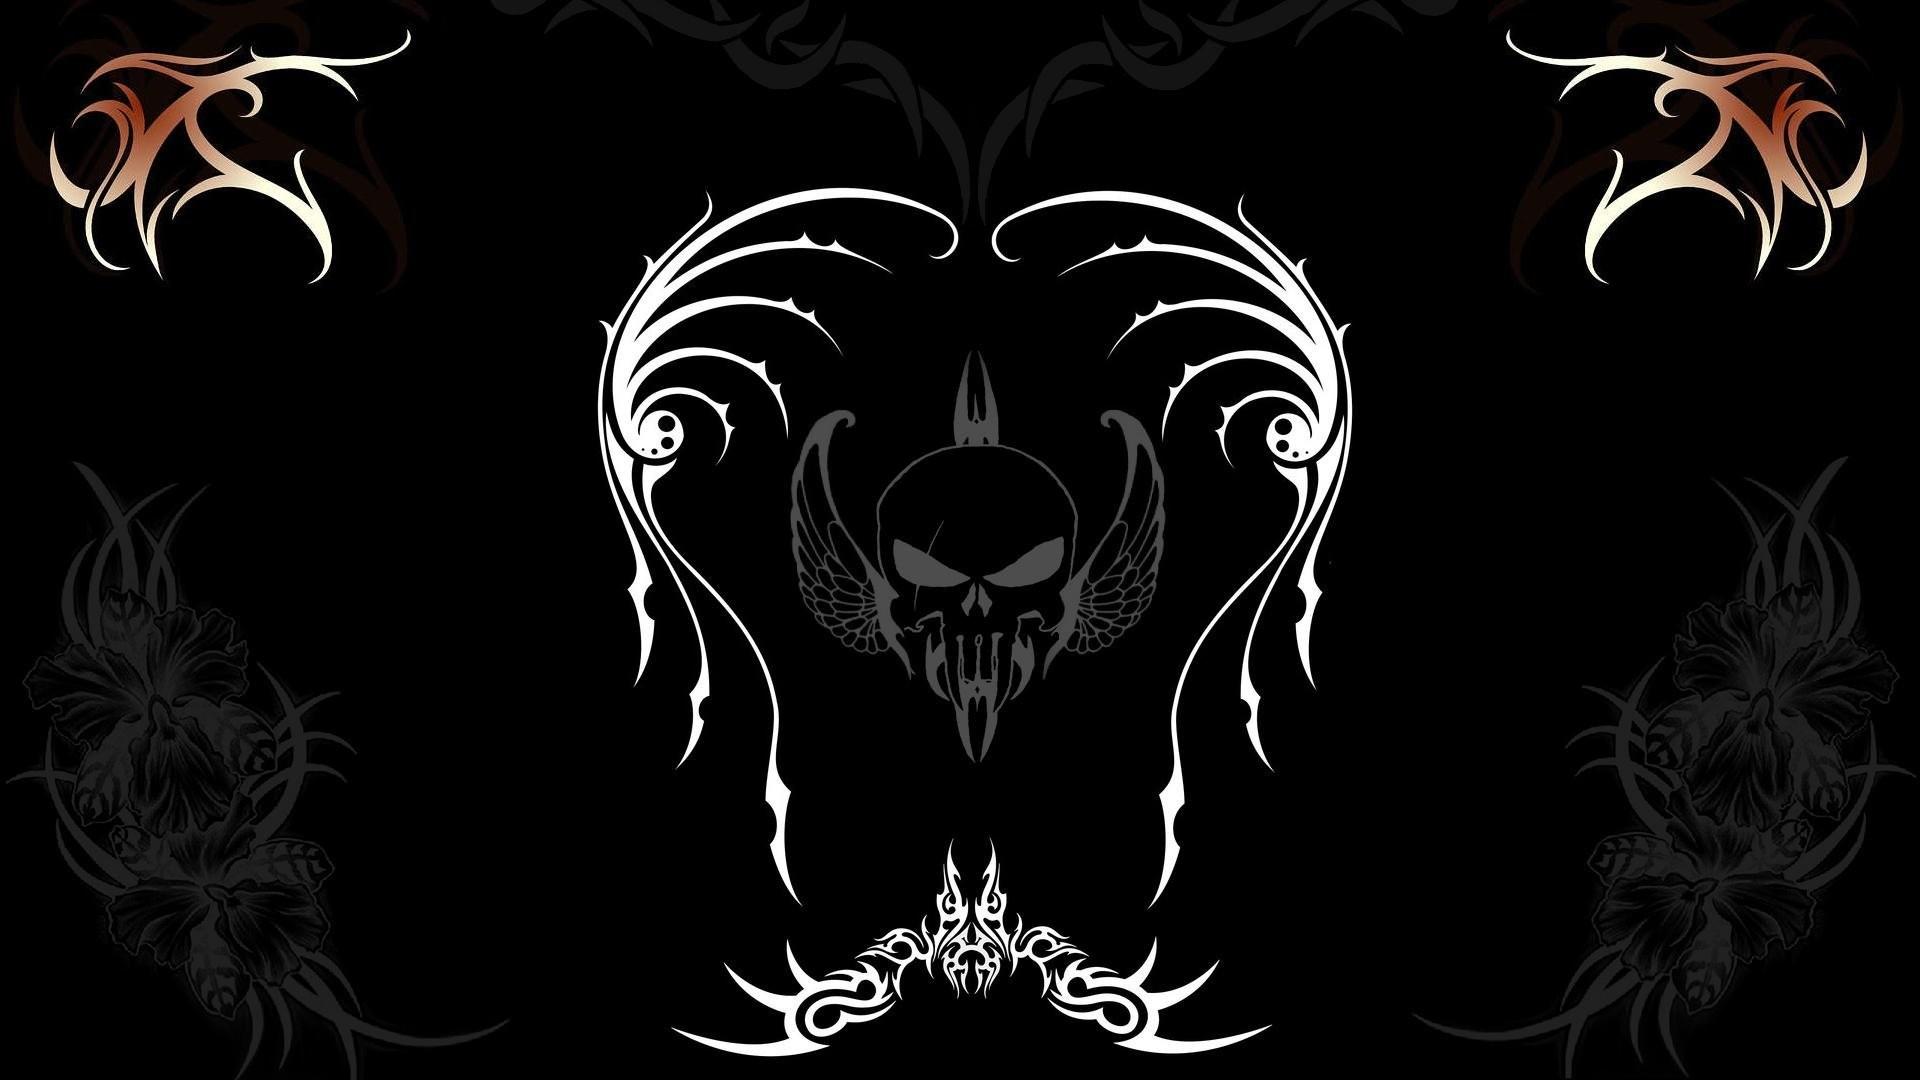 Skull 3d Wallpaper: Skull Wallpaper 3D ·①